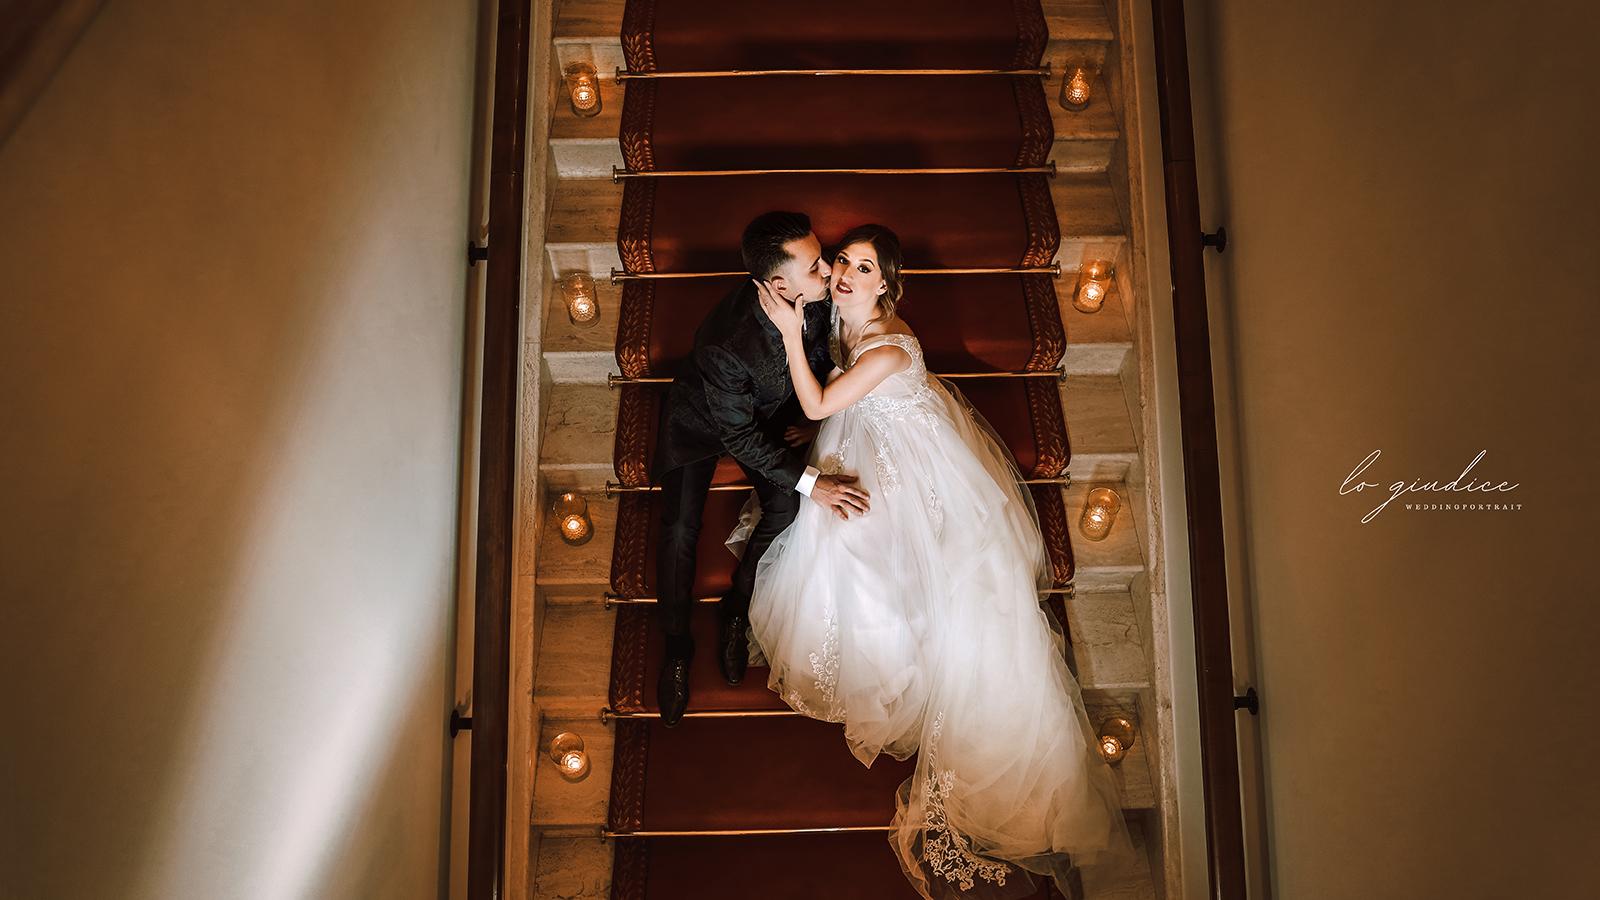 foto sposi sulle scale